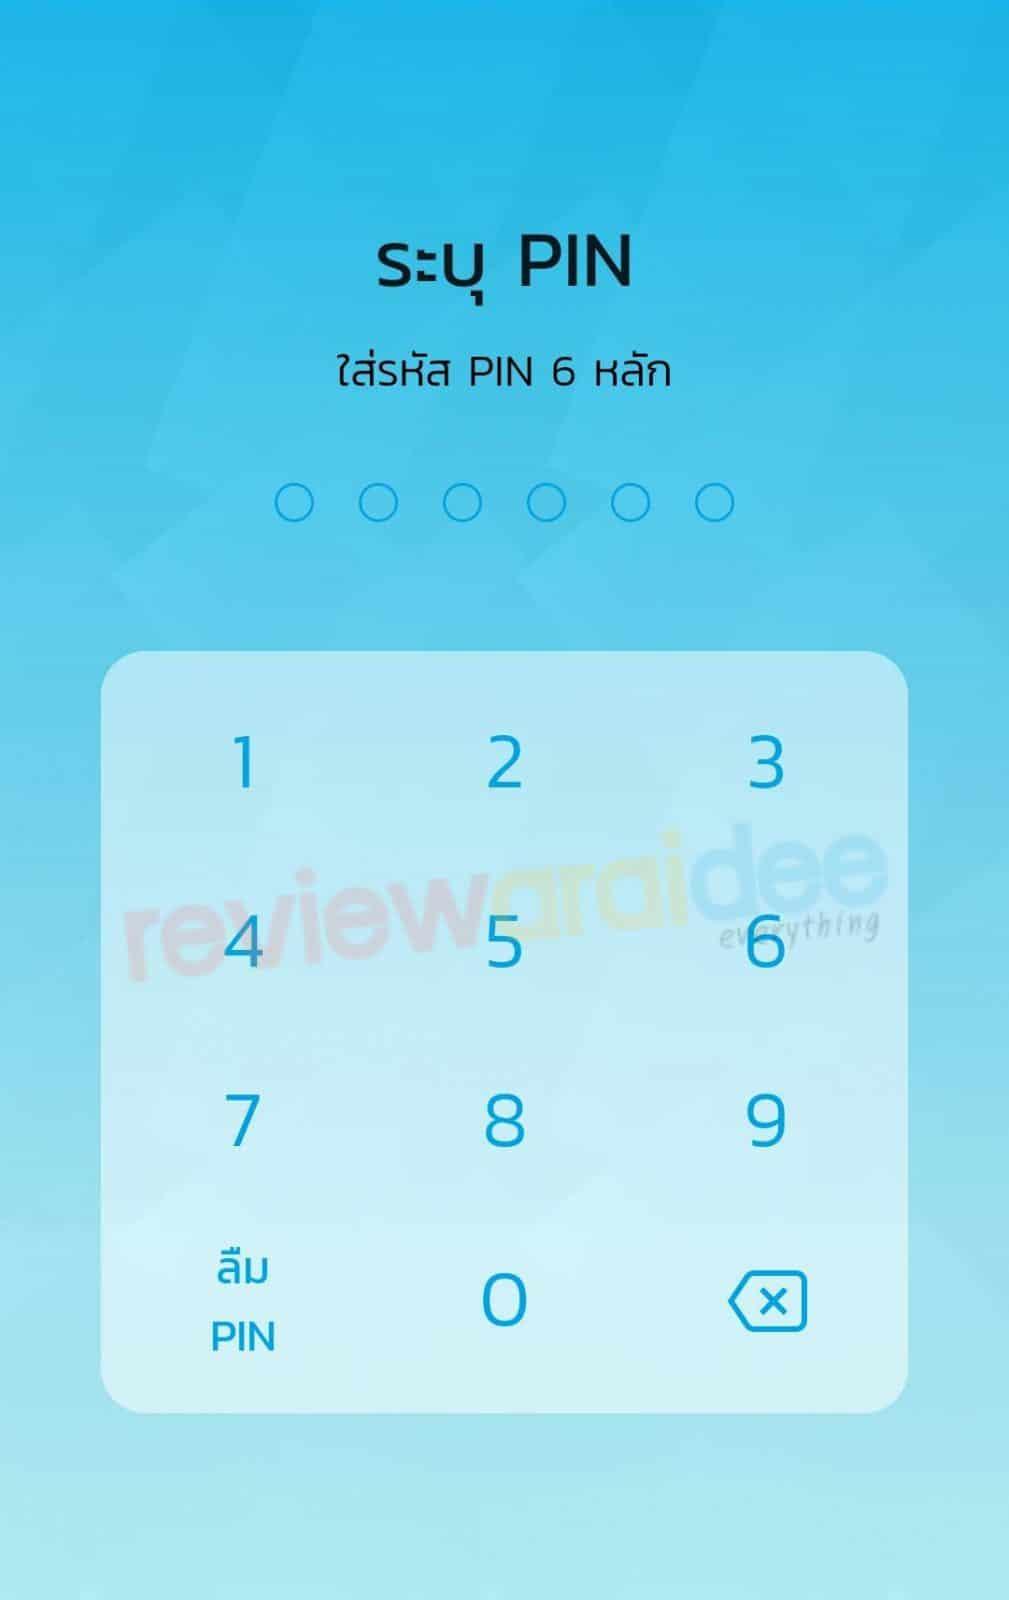 [แนะนำ] แอปเป๋าตัง ธนาคารกรุงไทย บอกว่าใส่รหัส PIN ผิดเกินจำนวนครั้งทำยังไง ?